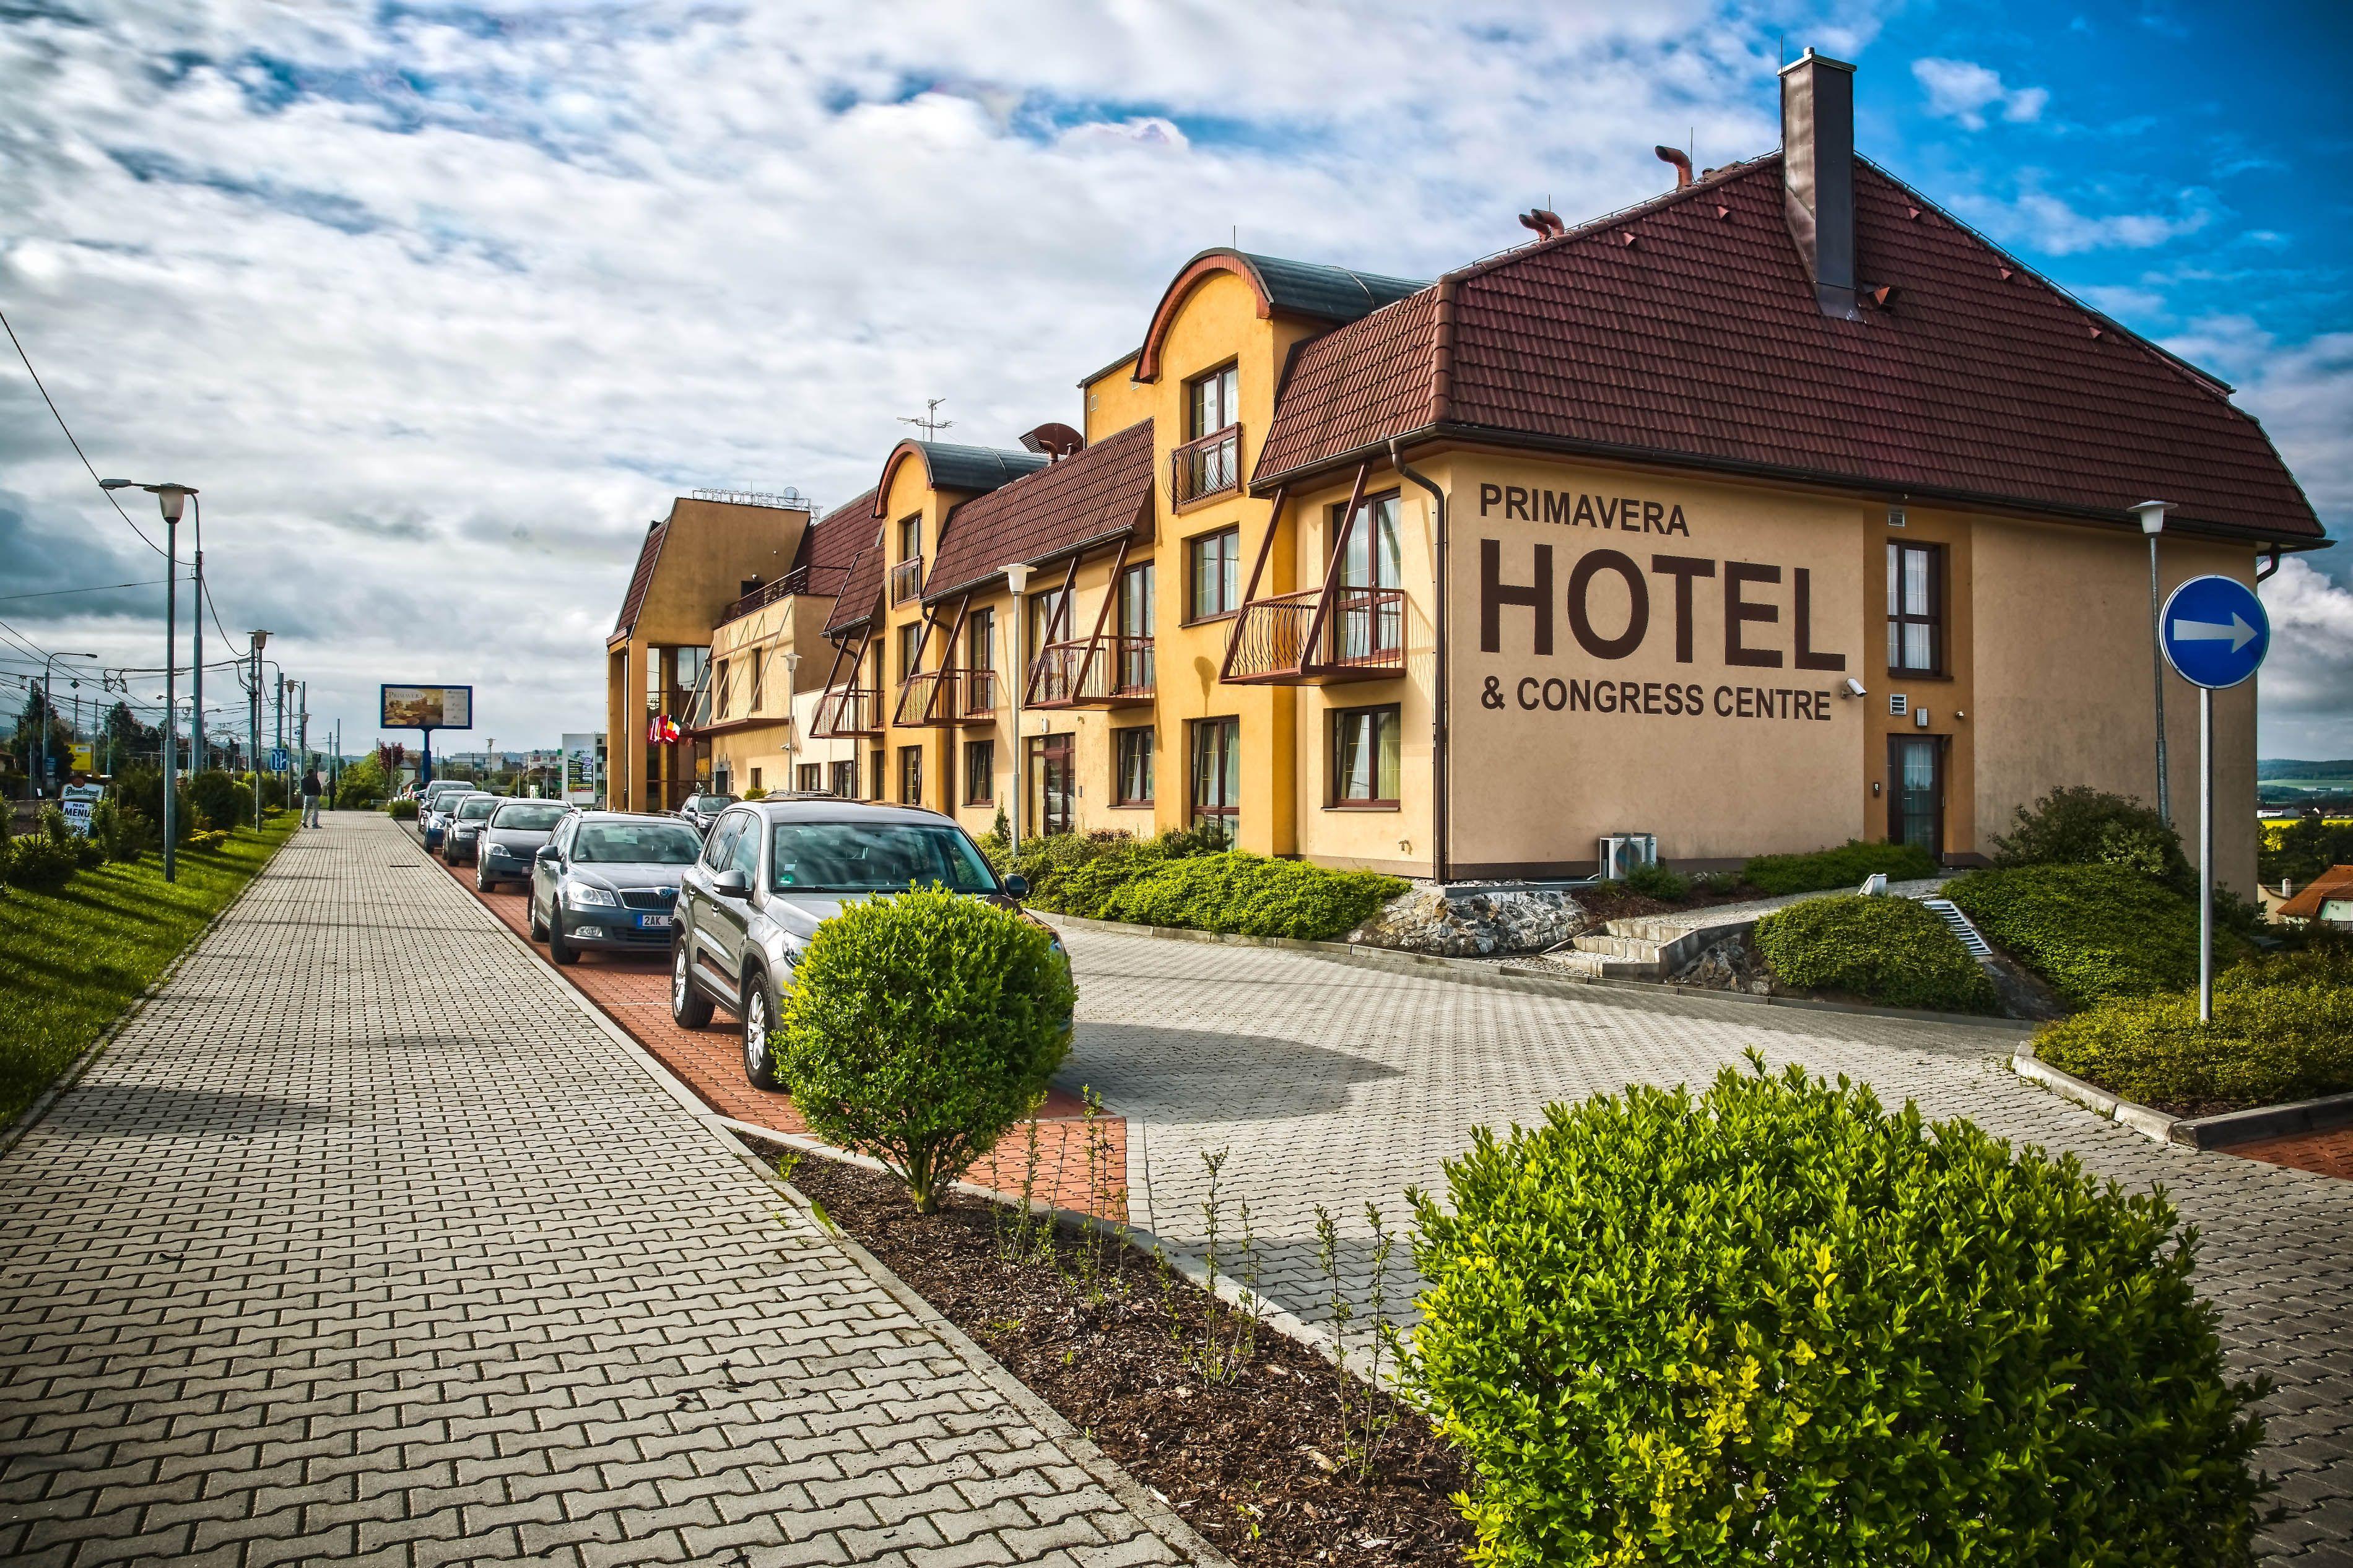 Primavera Hotel & Congress Centre, Plzeň